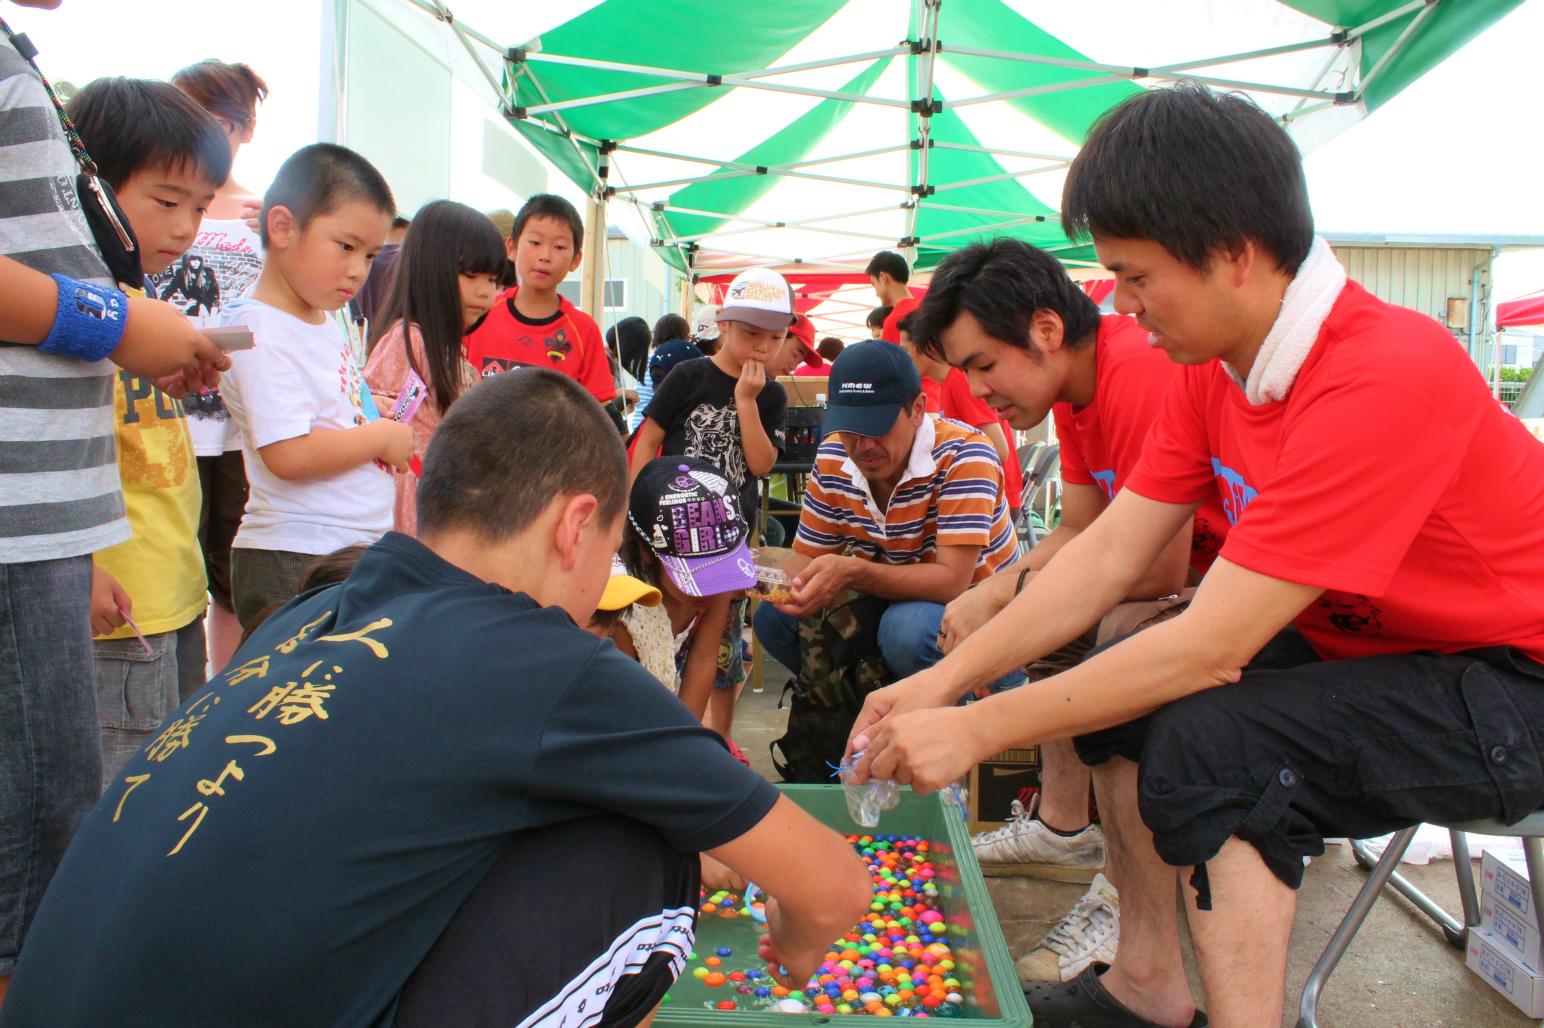 http://www.kaiho.co.jp/jp/news/img/sIMG_0221.jpg